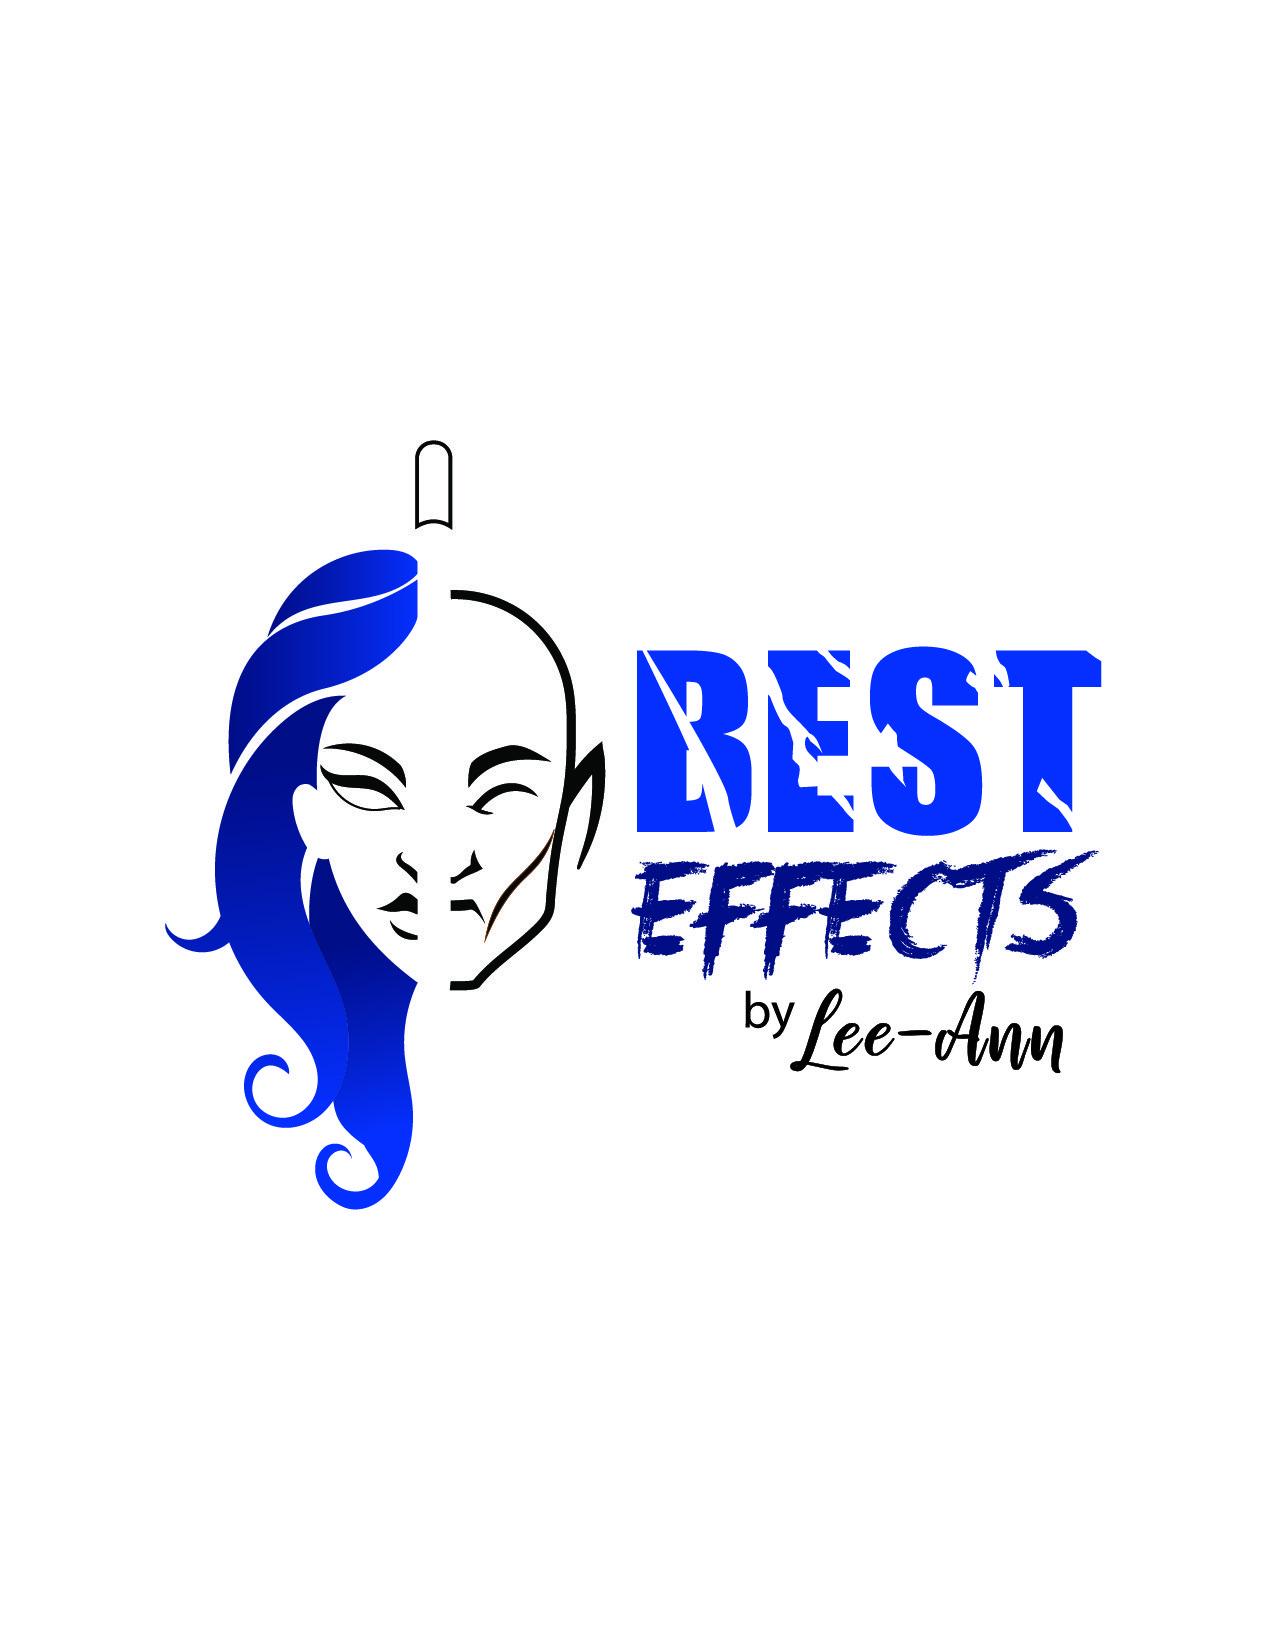 Lee-Ann Ruiz